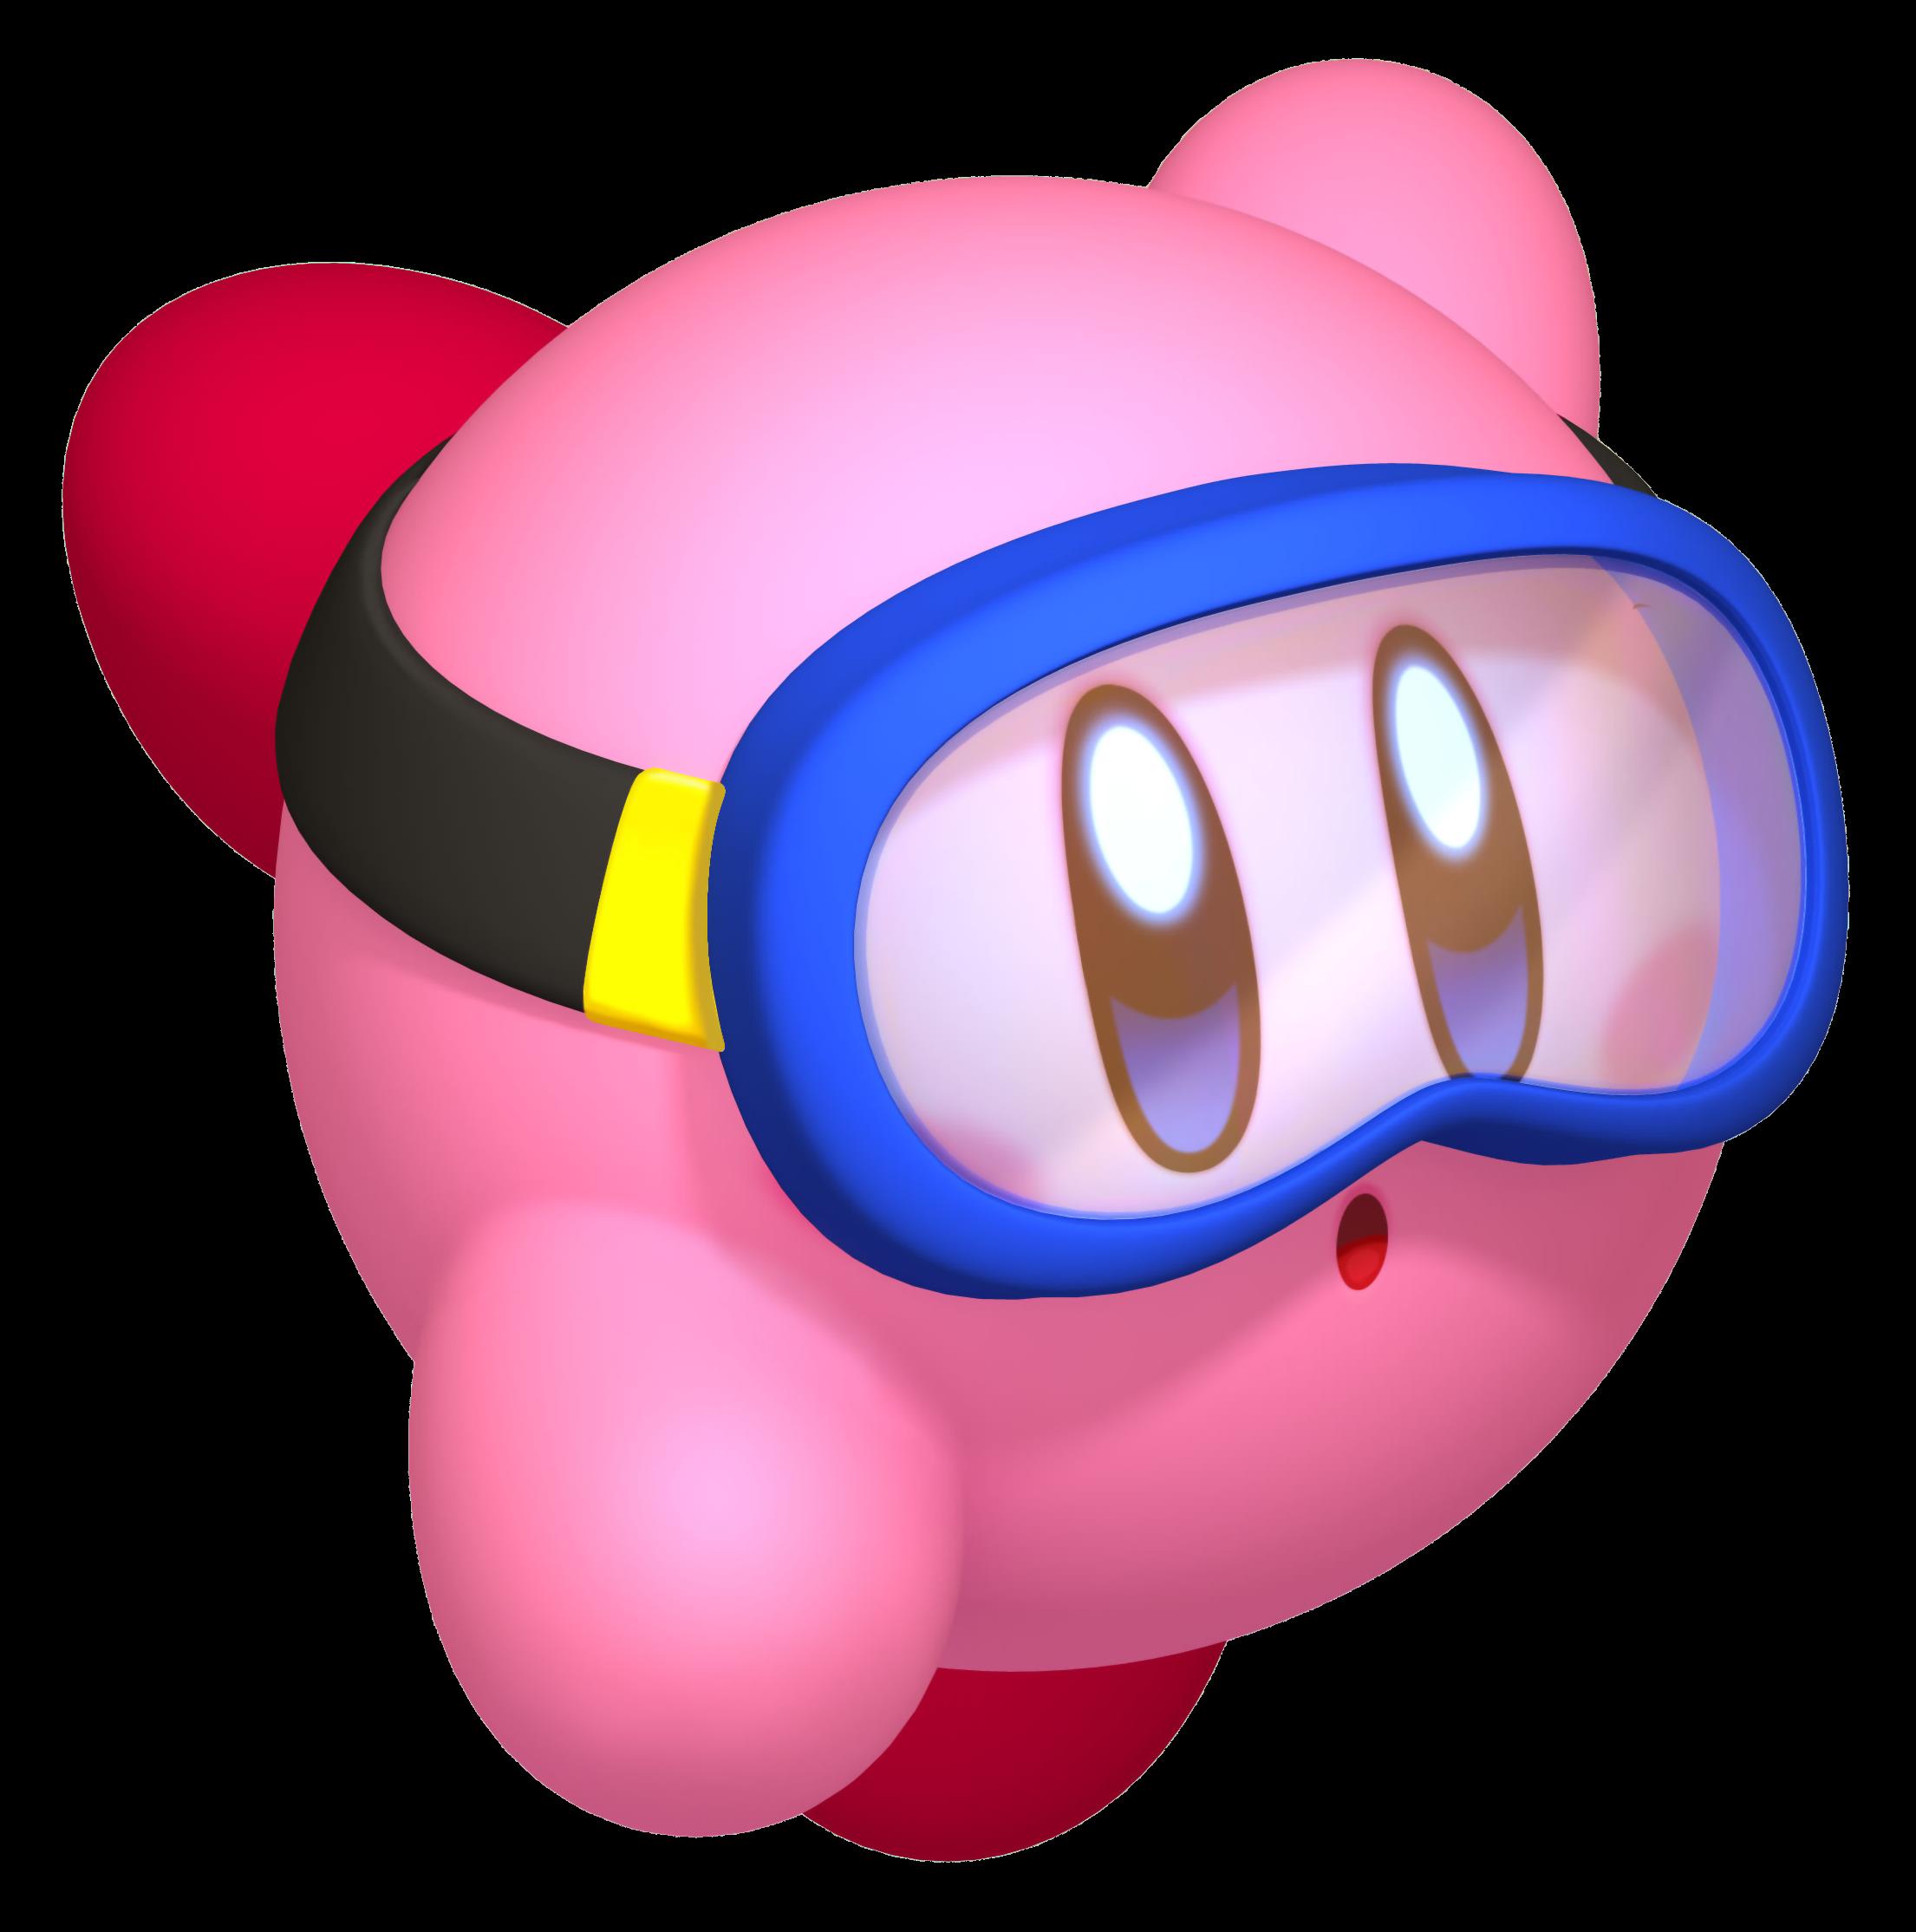 Image - KRTDL Kirby Swim2.png - Kirby Wiki - The Kirby ...